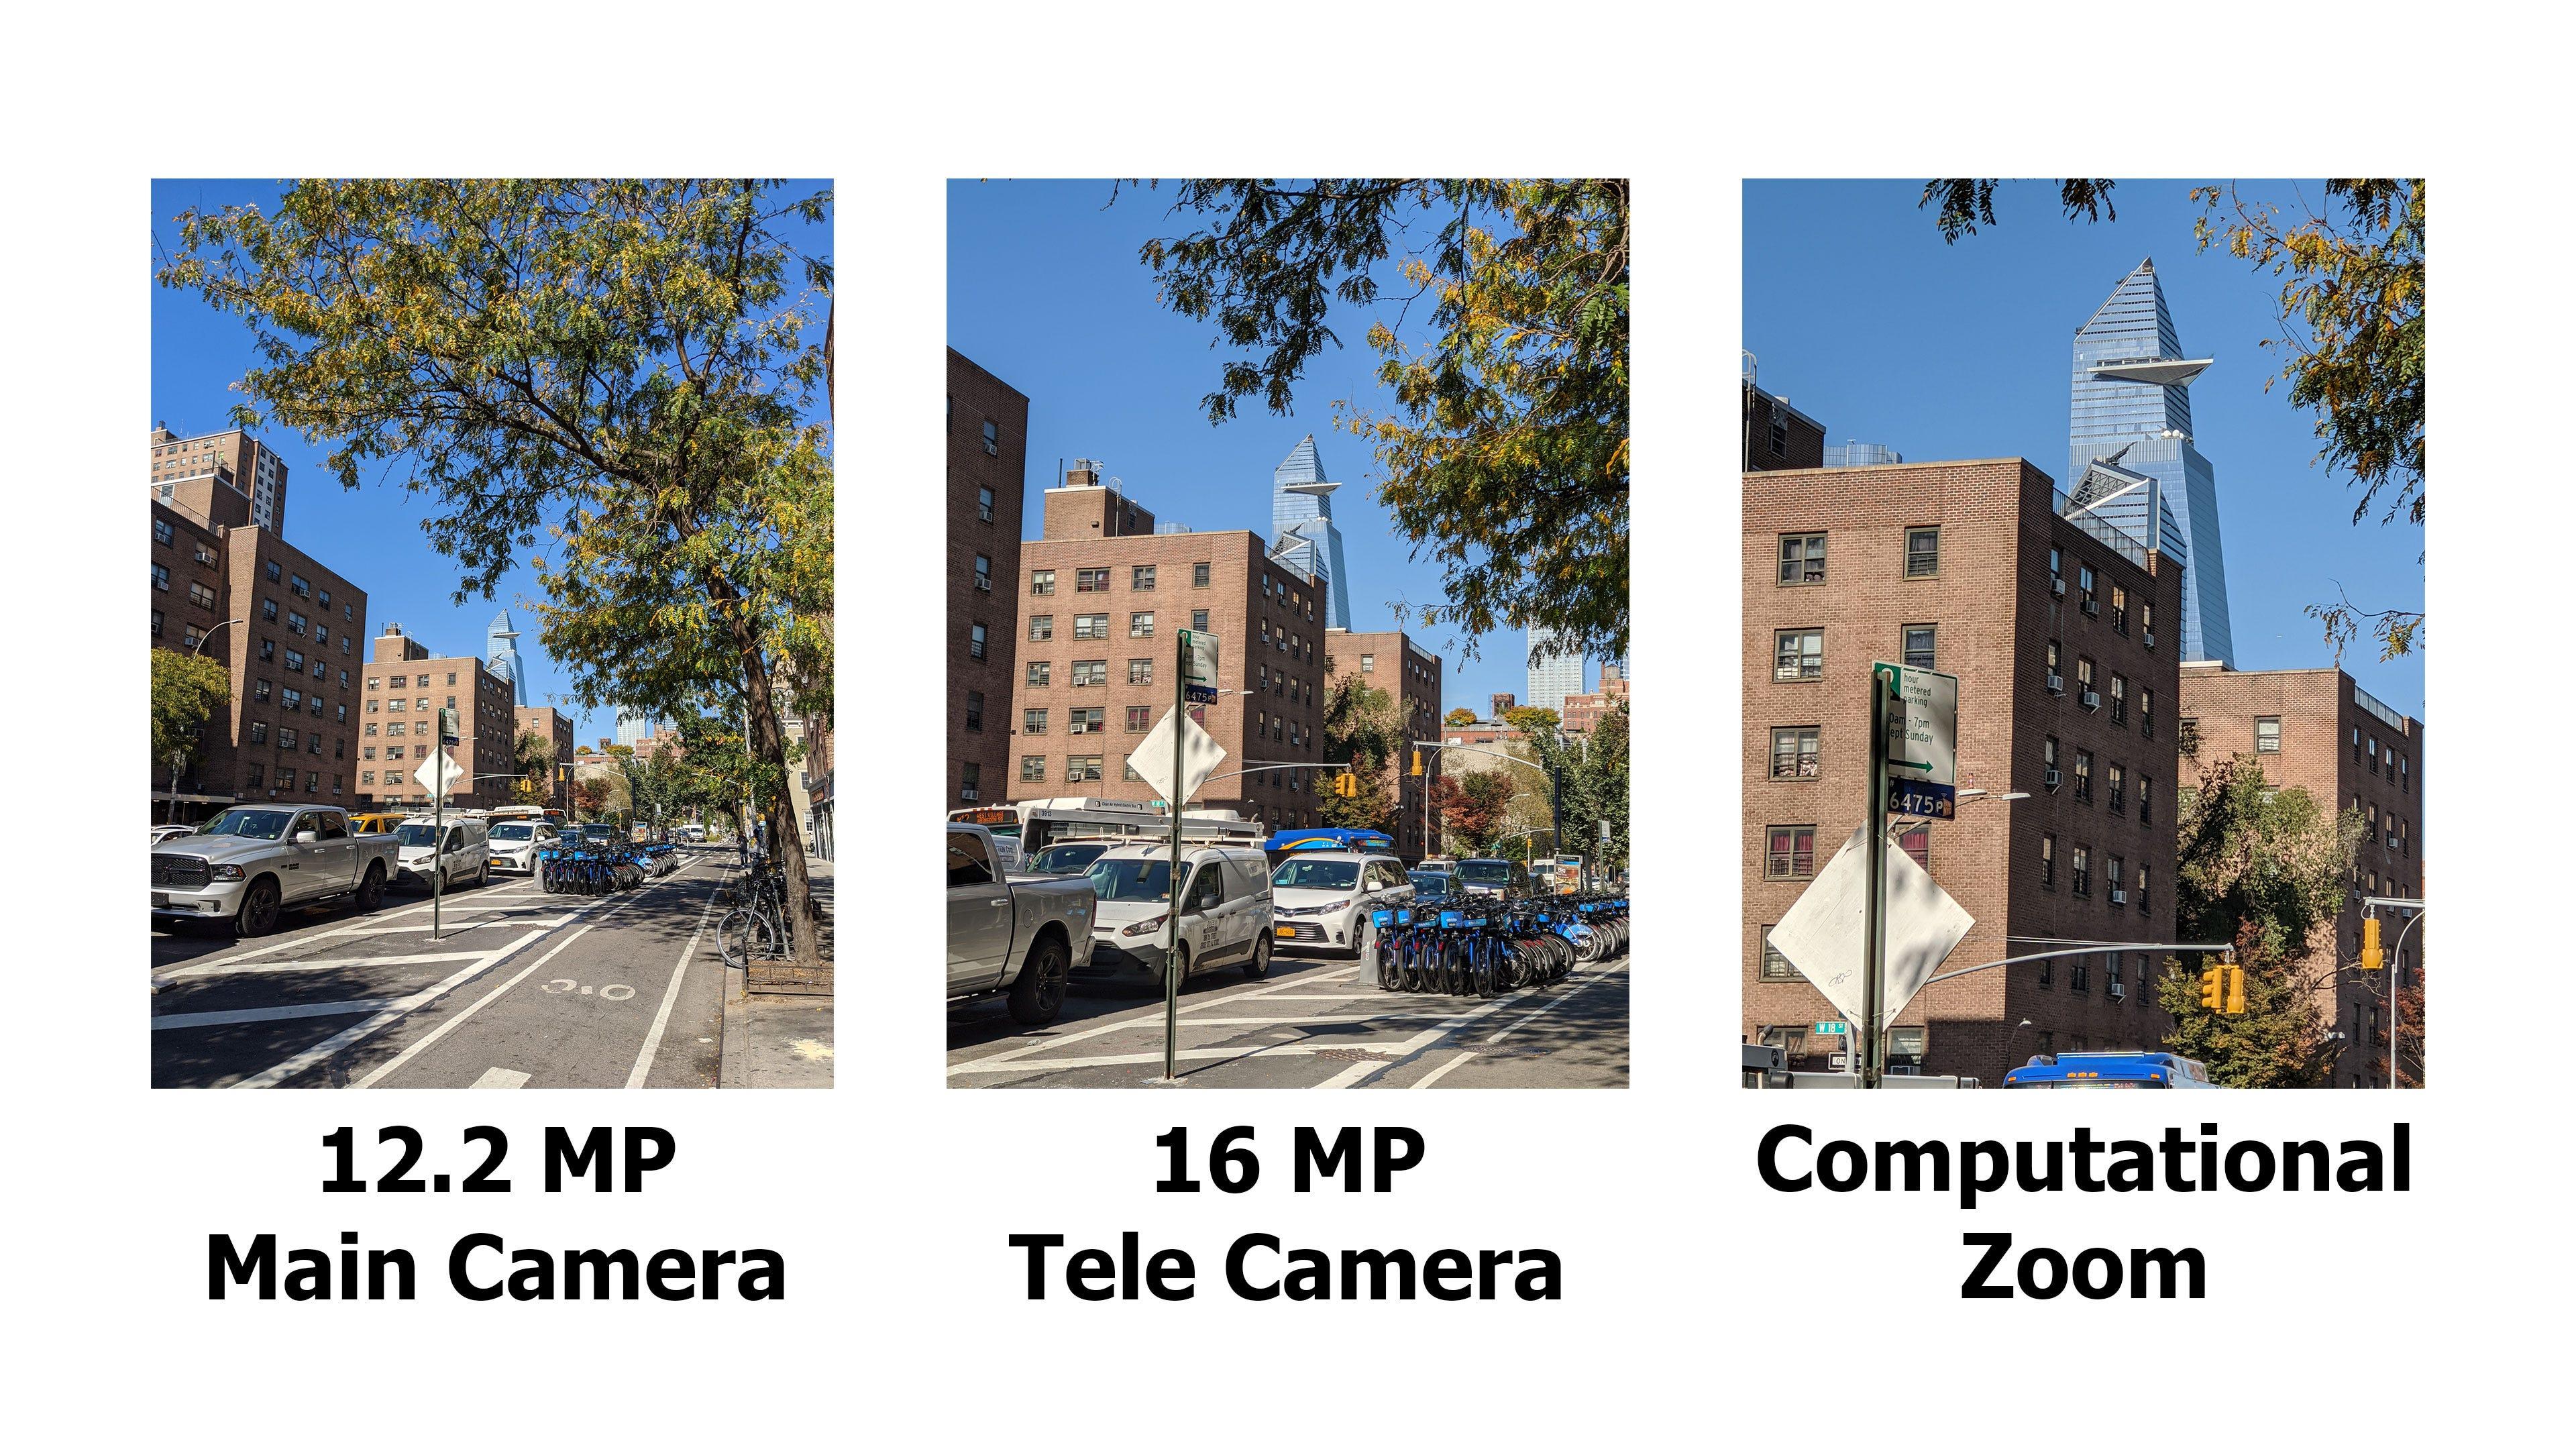 Pixel 4 camera samples